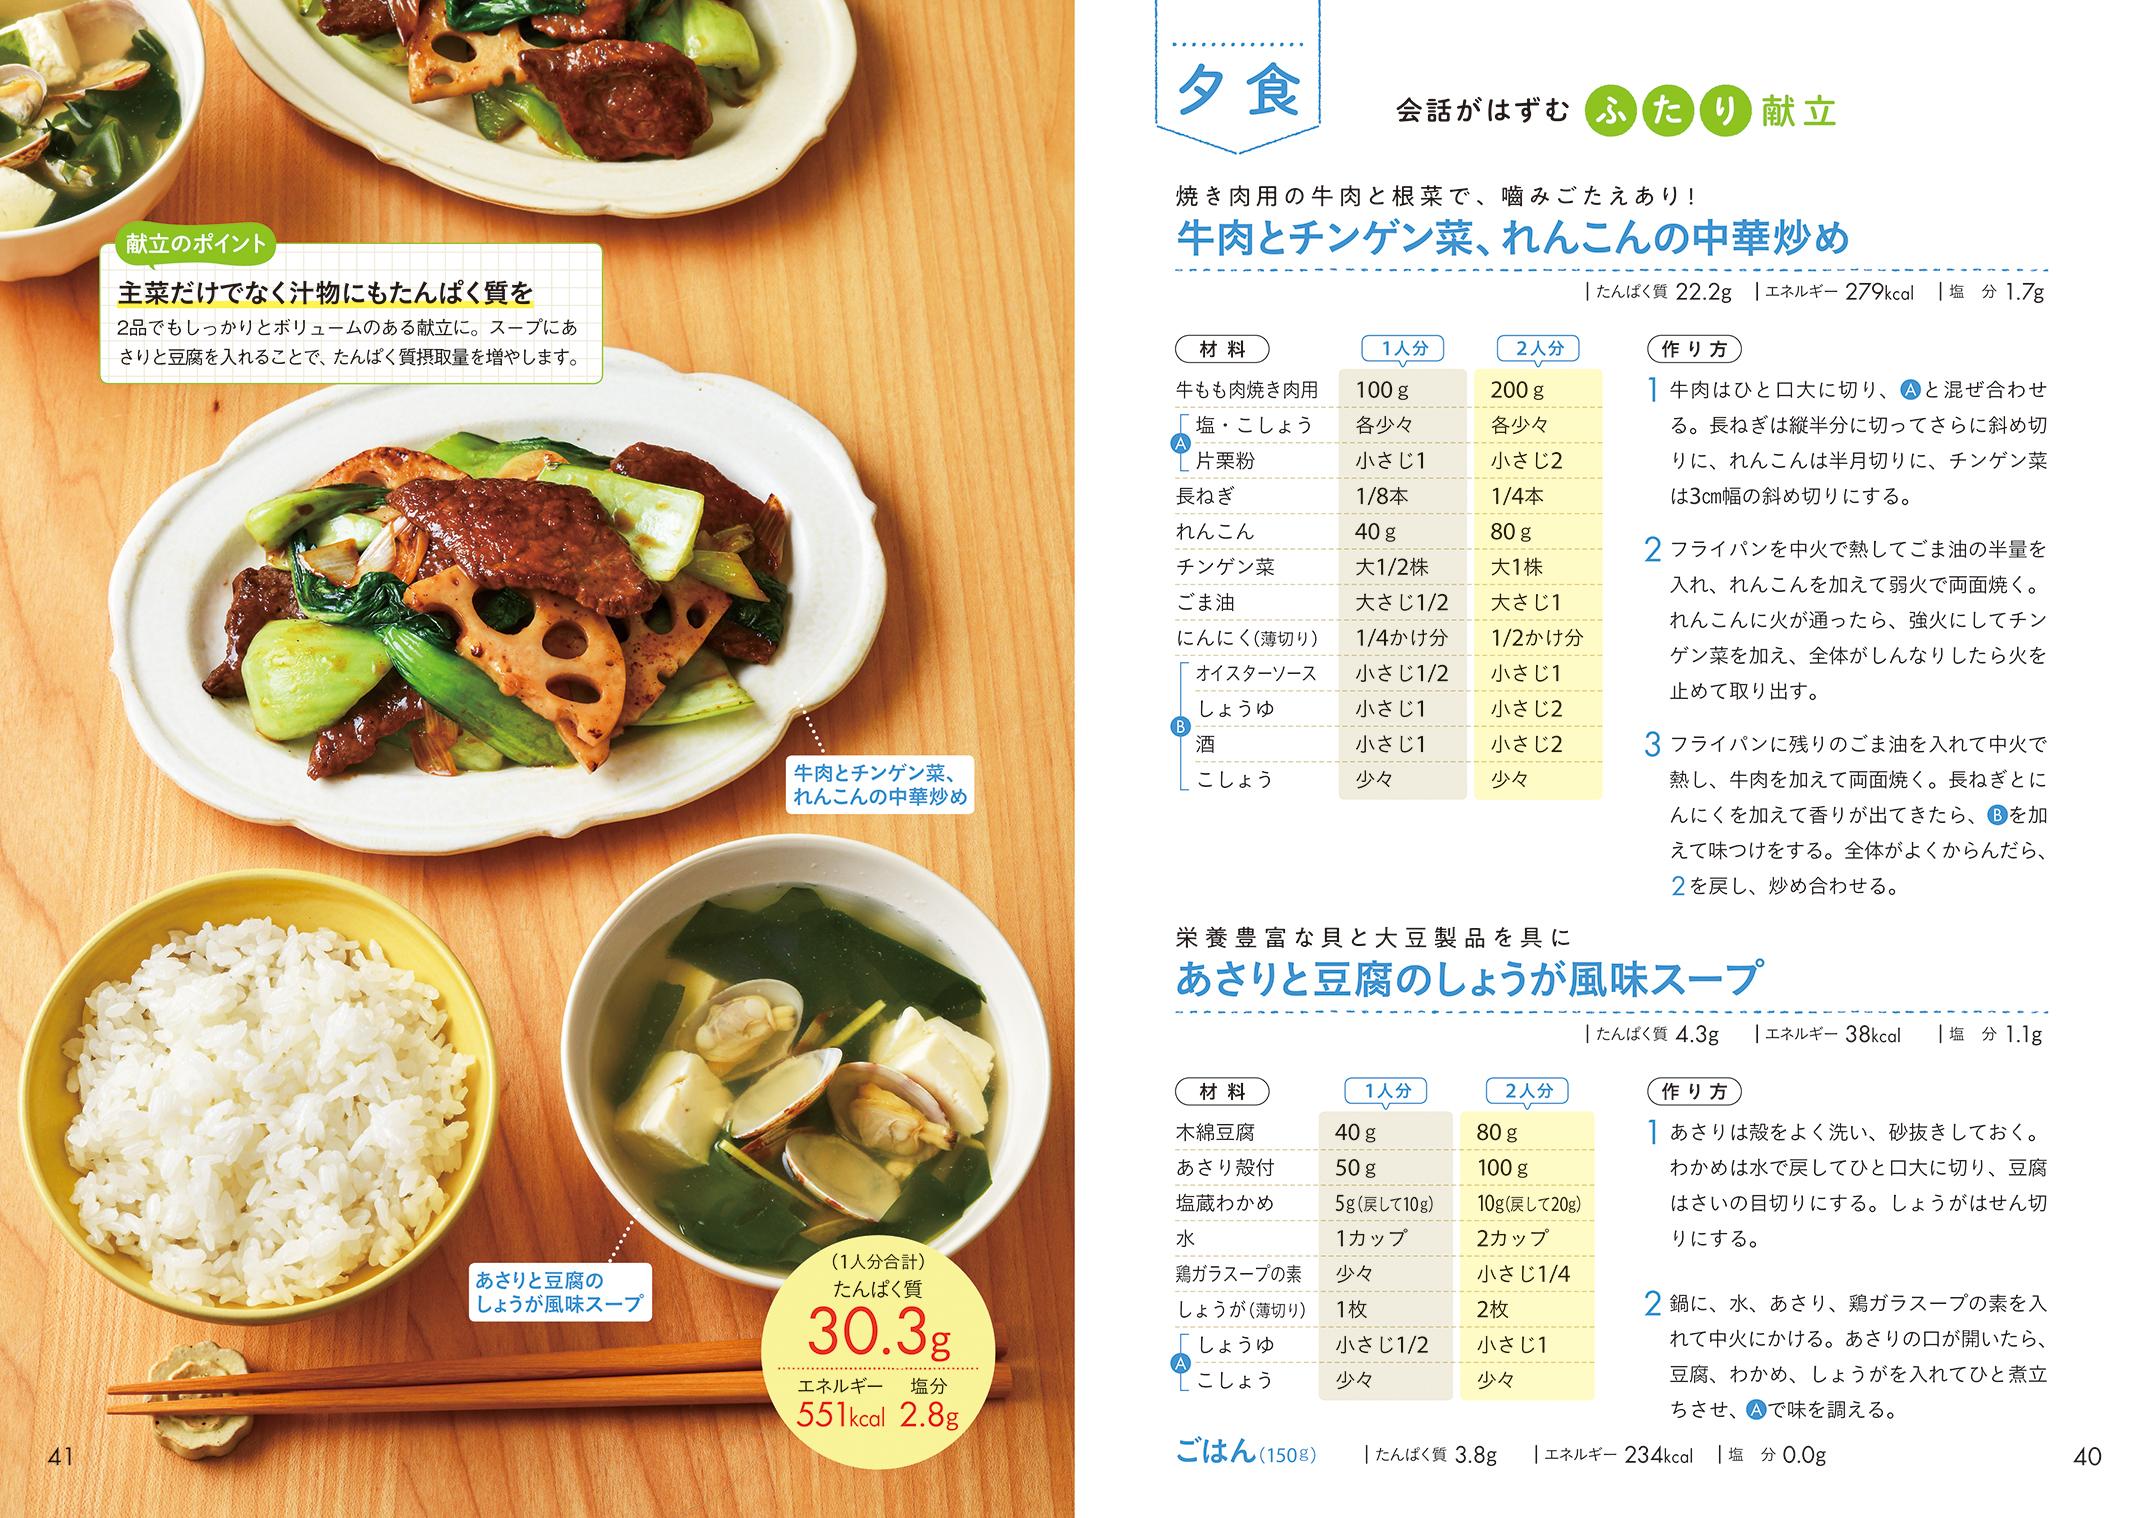 「1日に食べる量の目安がわかるよう、朝・昼・晩の献立例も紹介」紙面